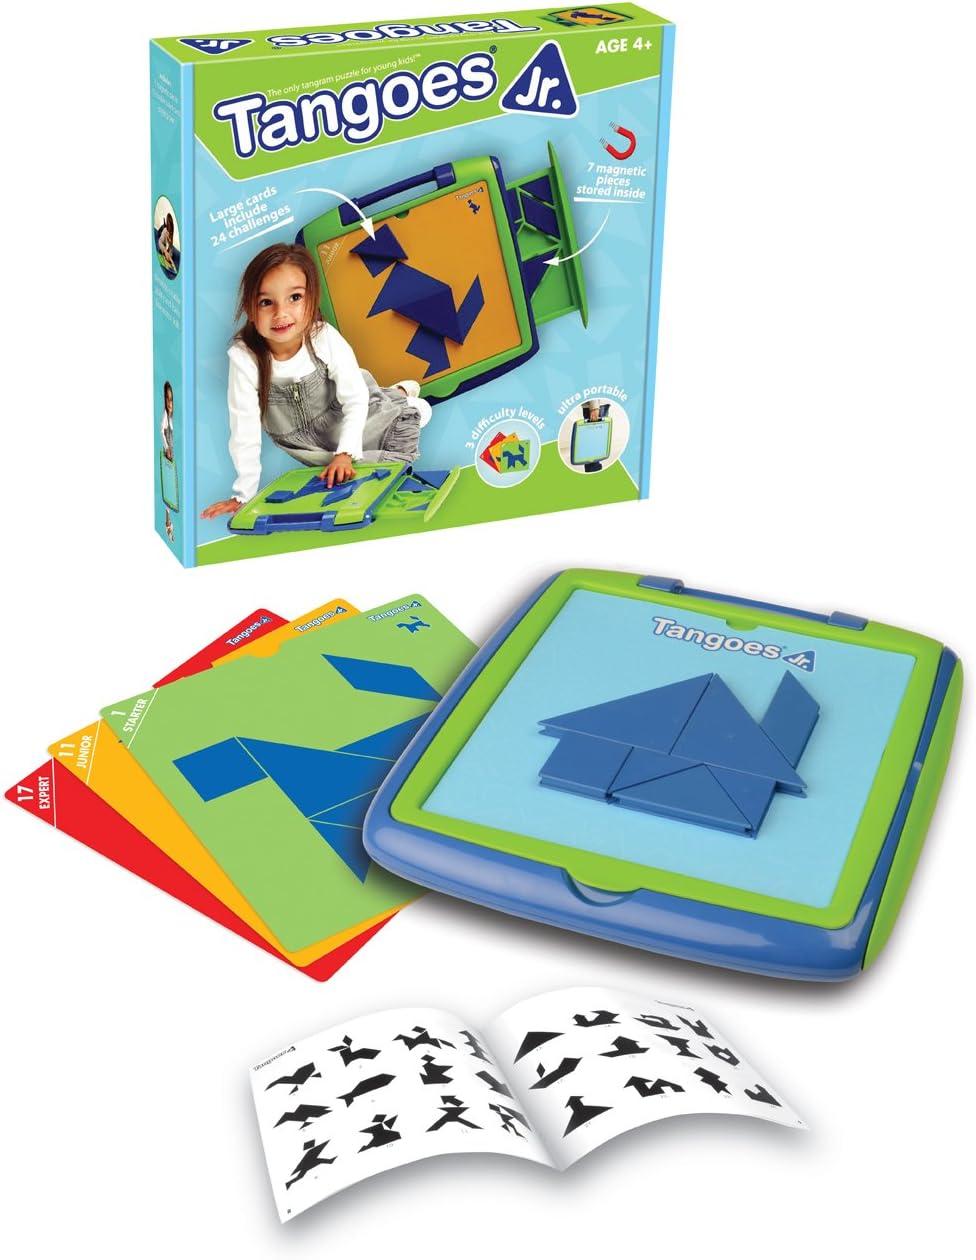 SmartGames Tangoes Jr. - Juegos educativos (Multicolor, Child, Niño/niña, 4 año(s), 120 Pieza(s), 61 mm): Amazon.es: Juguetes y juegos